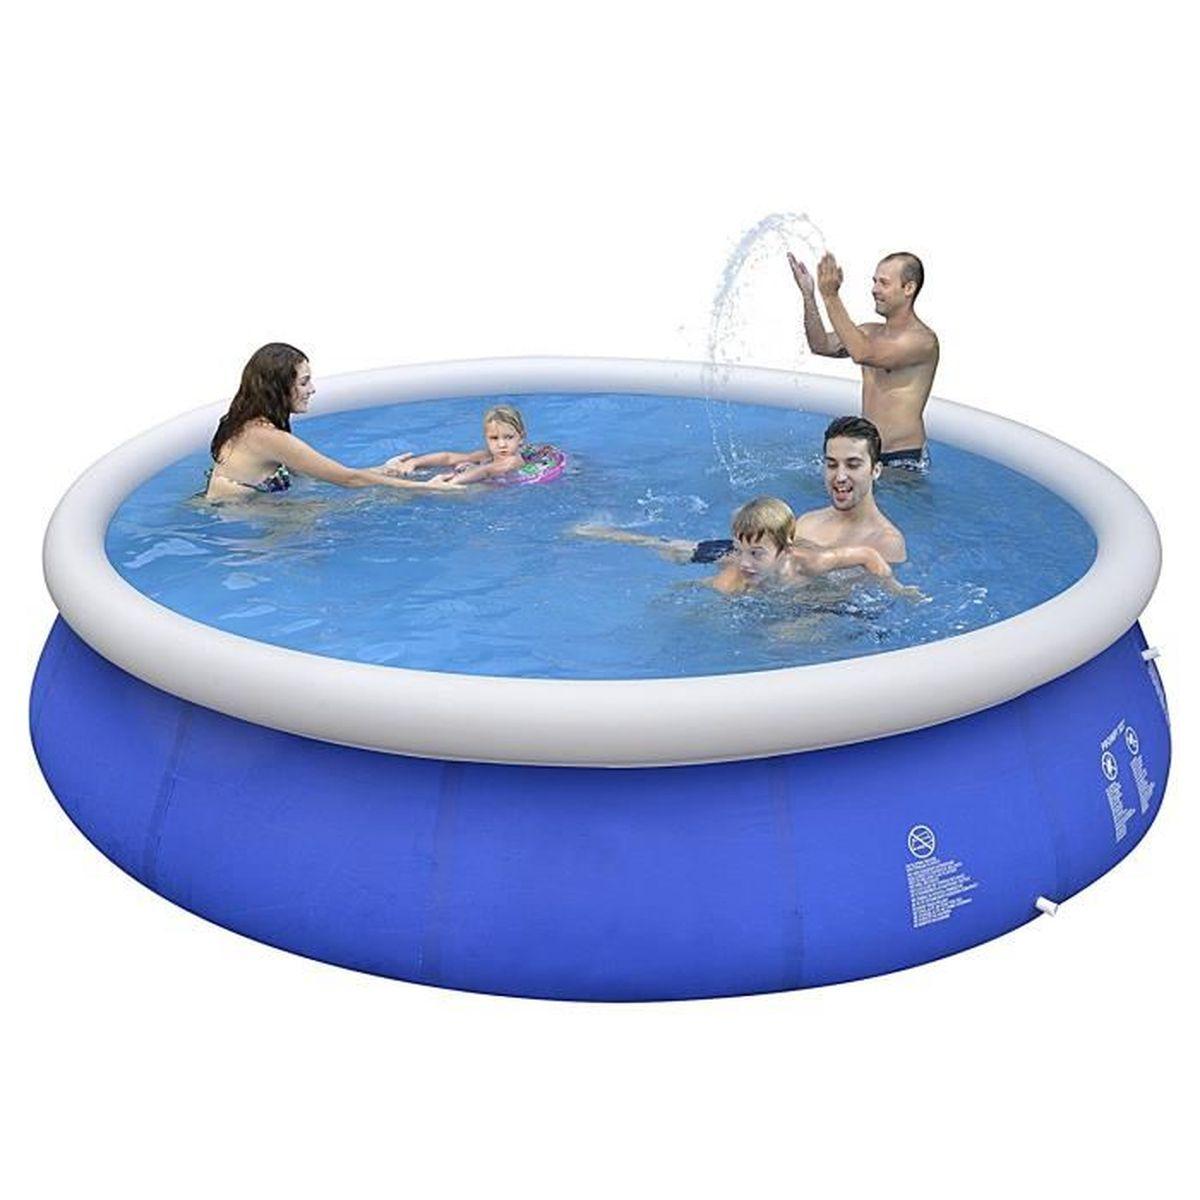 Filtre Piscine Lave Vaisselle piscine marin blue kit avec pompe à filtre, échelle, bâche